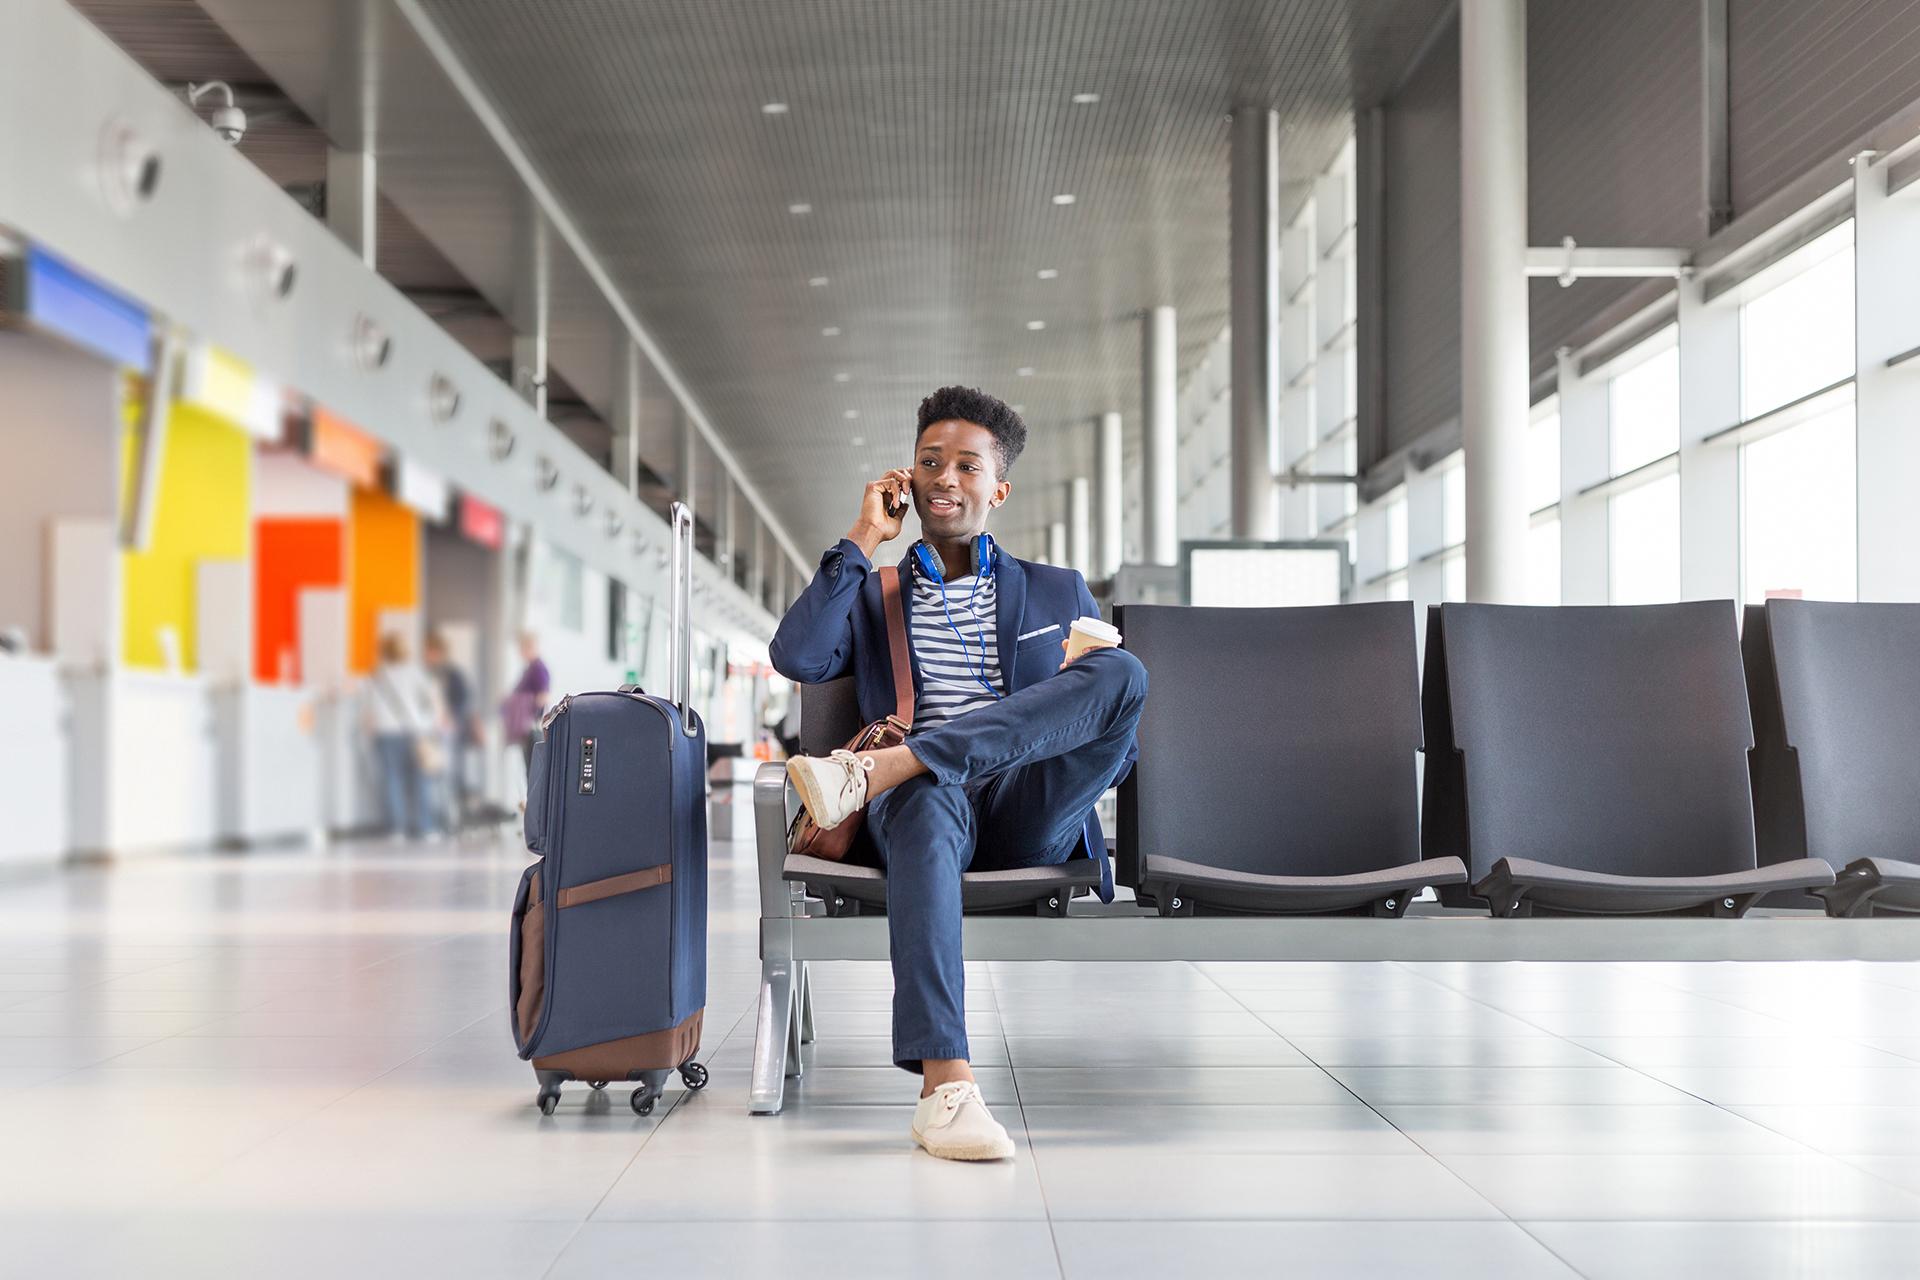 Pasajeros jóvenes demandan más tecnología al volar